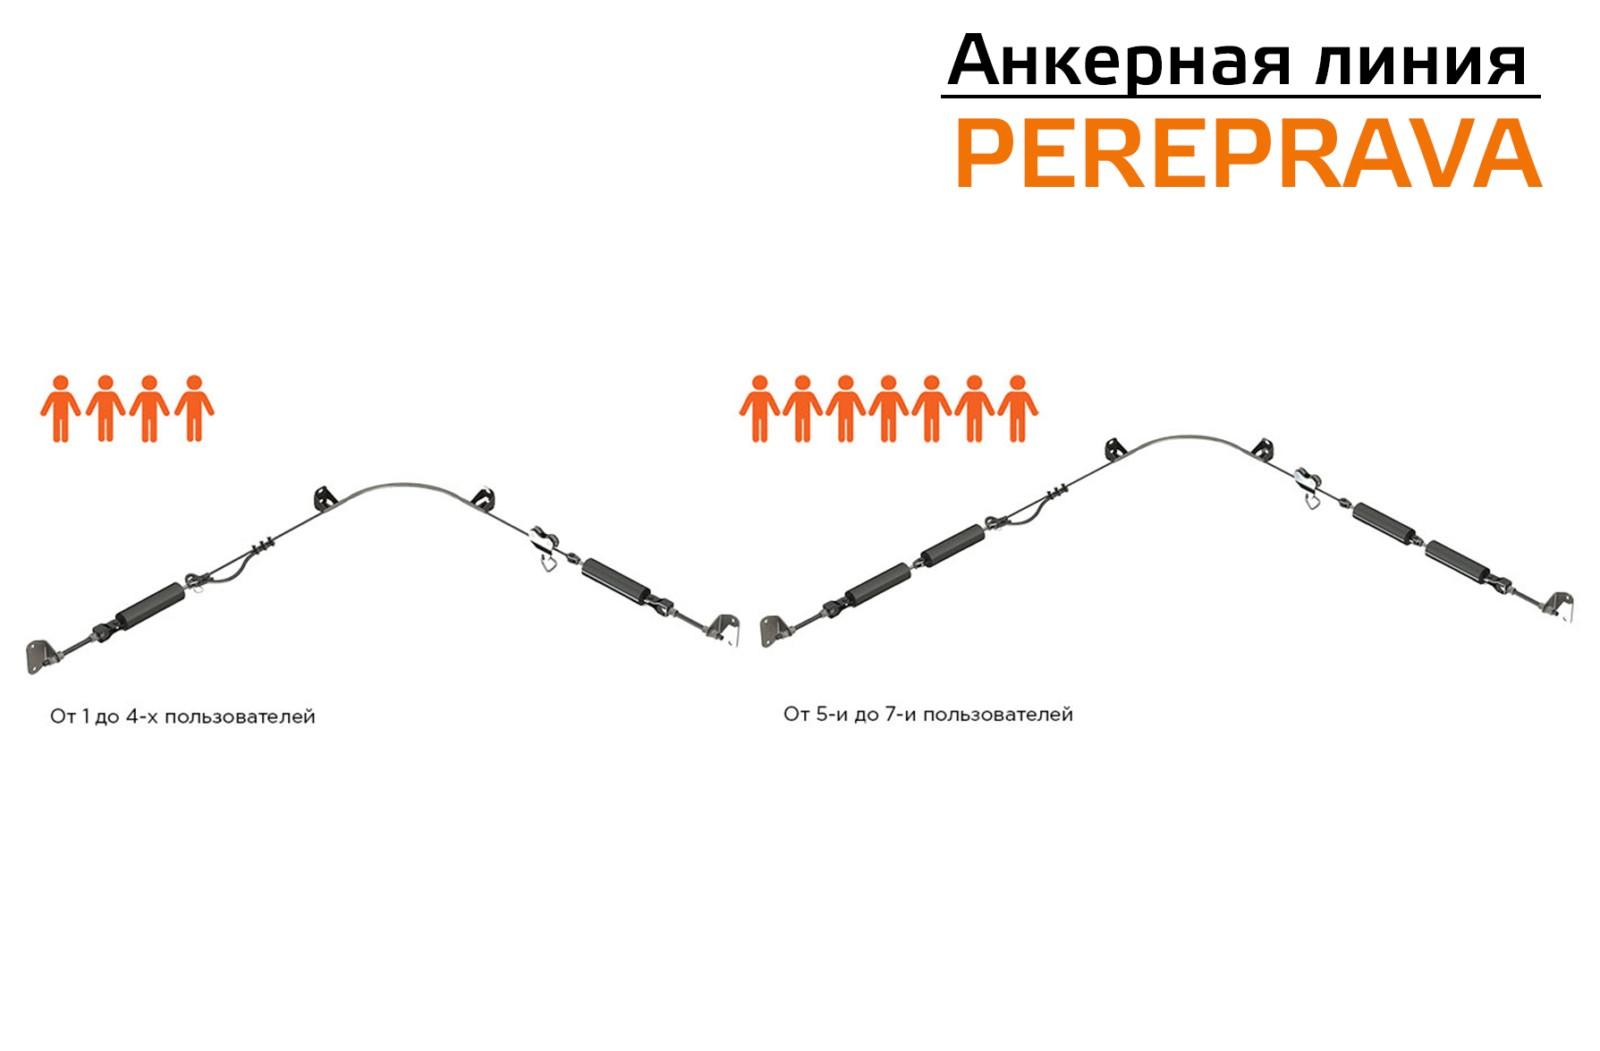 ГТ. Горизонтальная гибкая анкерная линия PEREPRAVA | High Safety | Высота СЗ